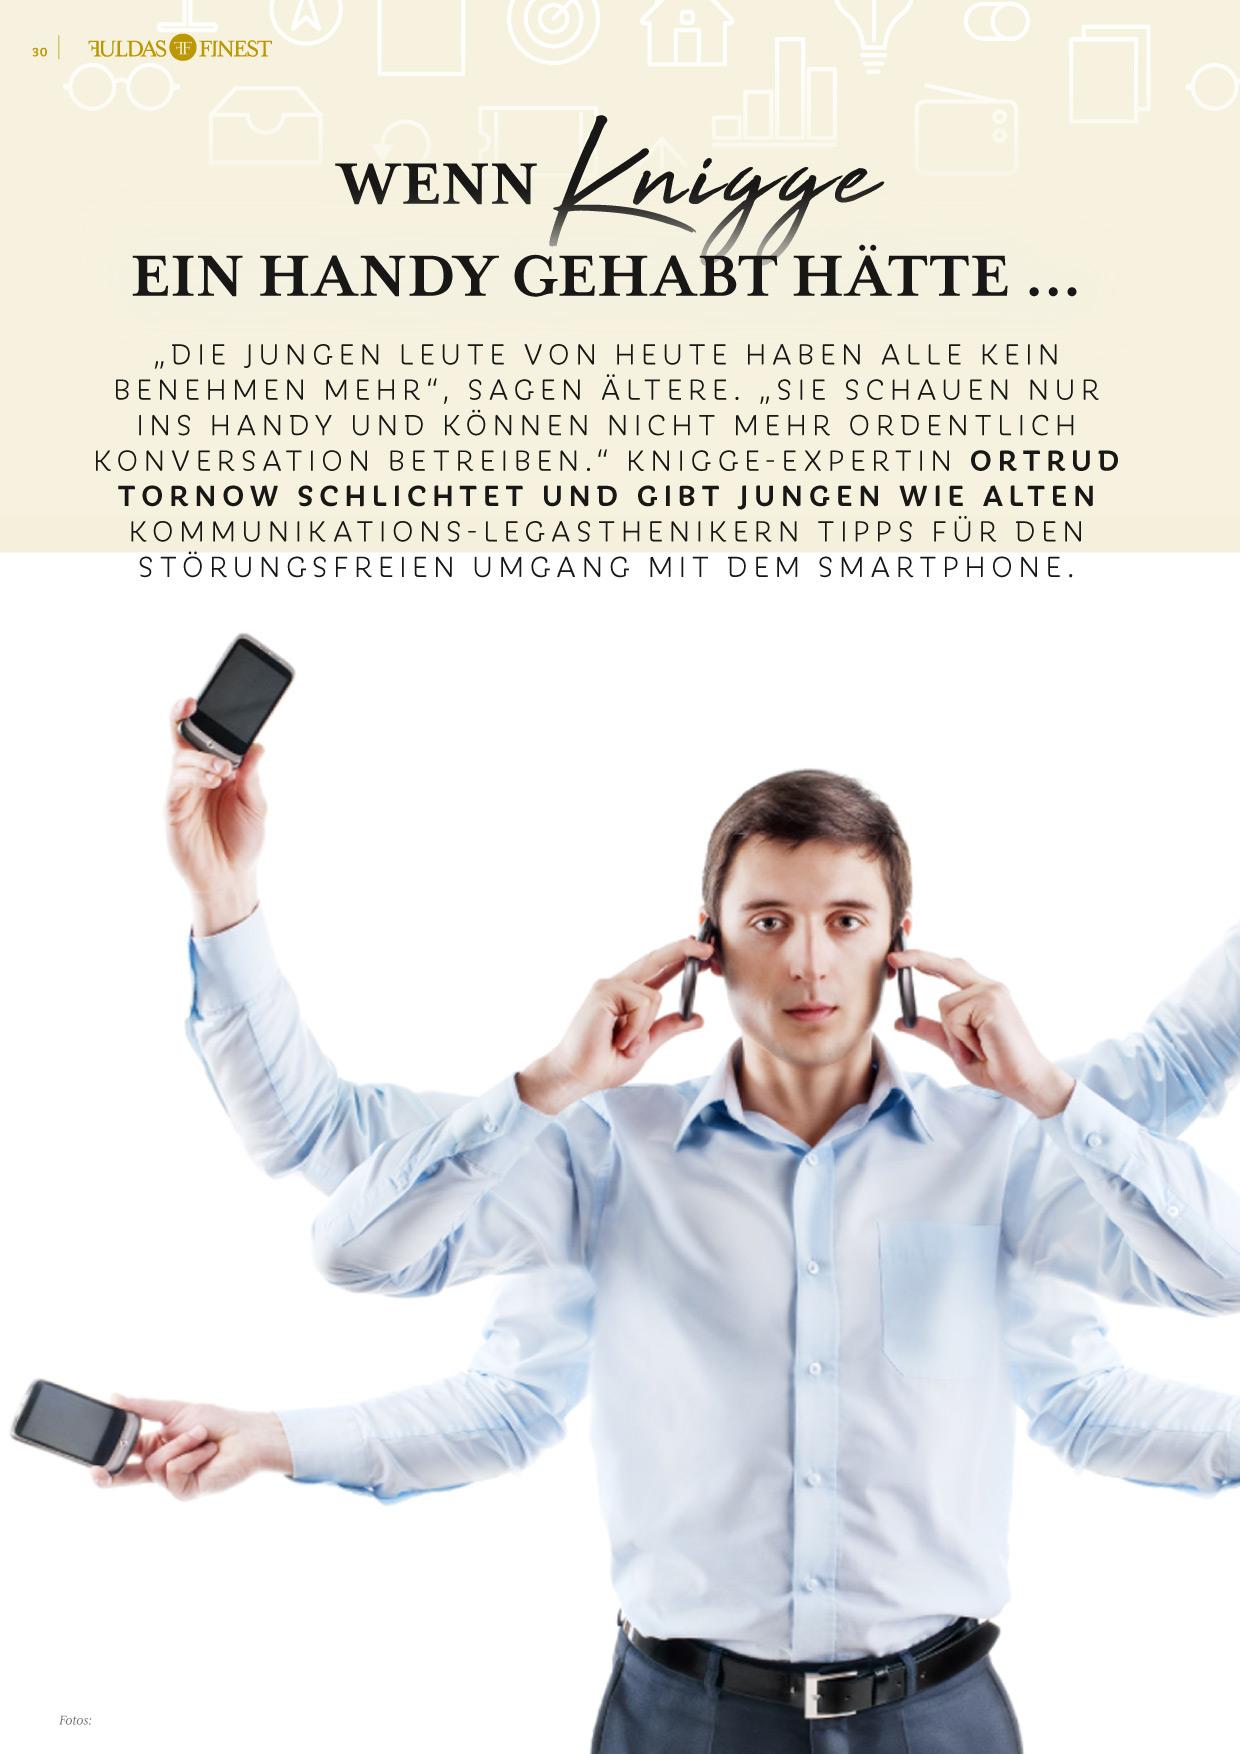 Smartphone-Knigge von Ortrud Tornow